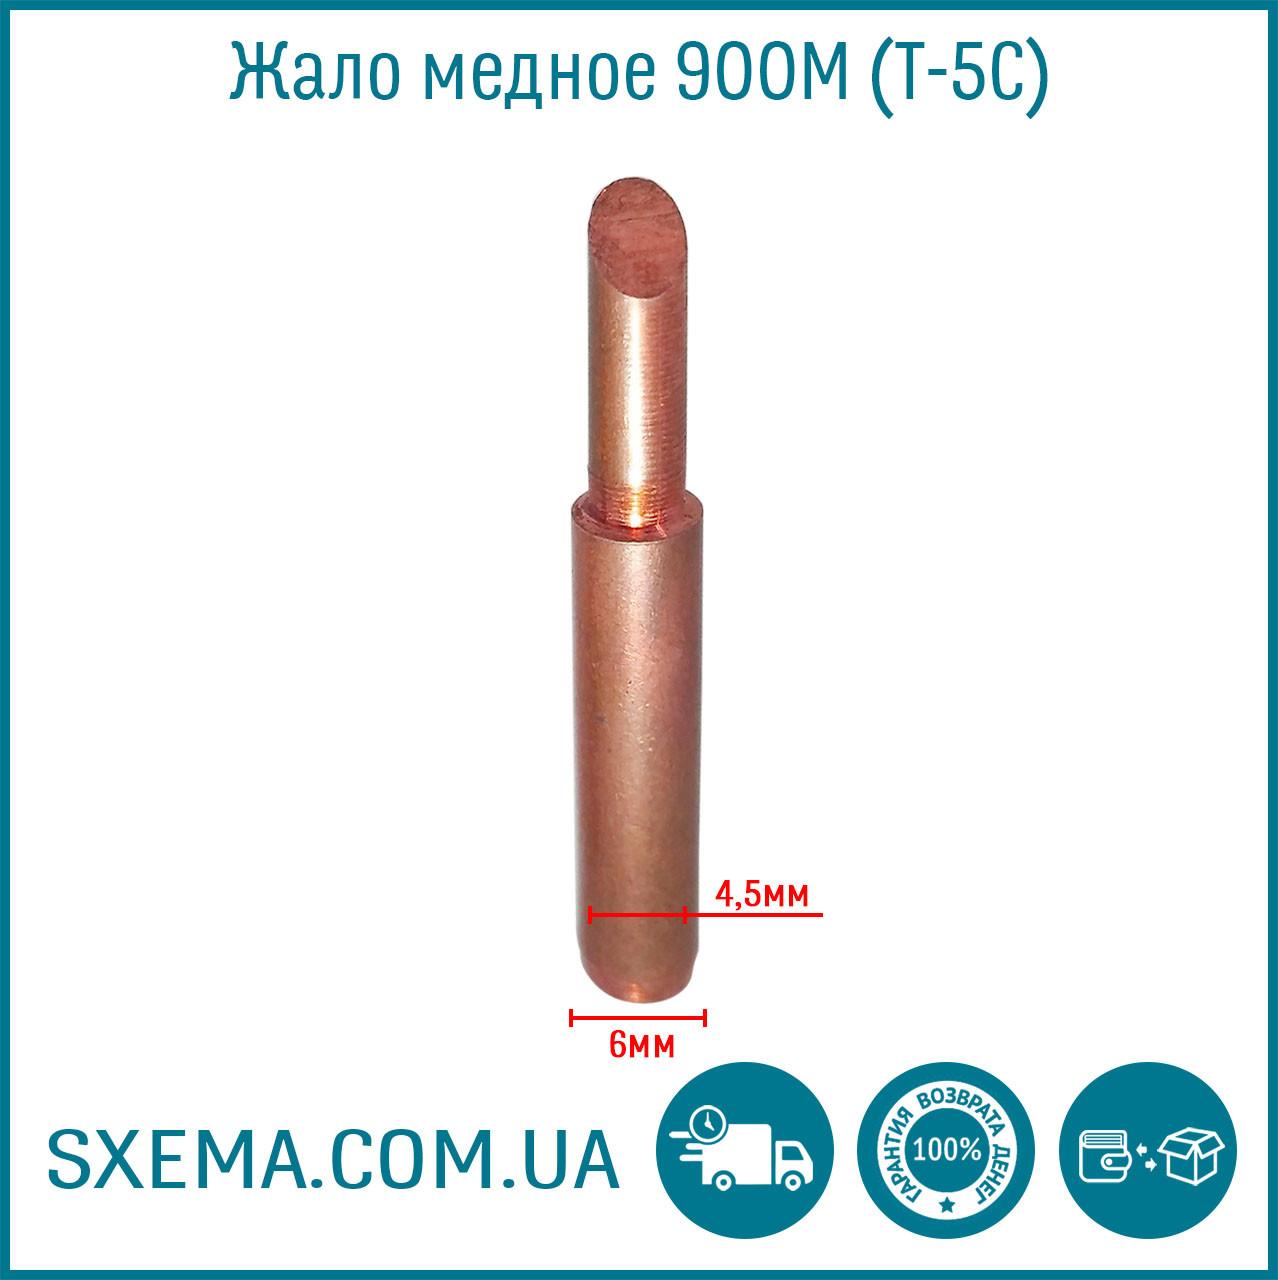 Жало для паяльной станции или паяльника медное 900M-T-5C